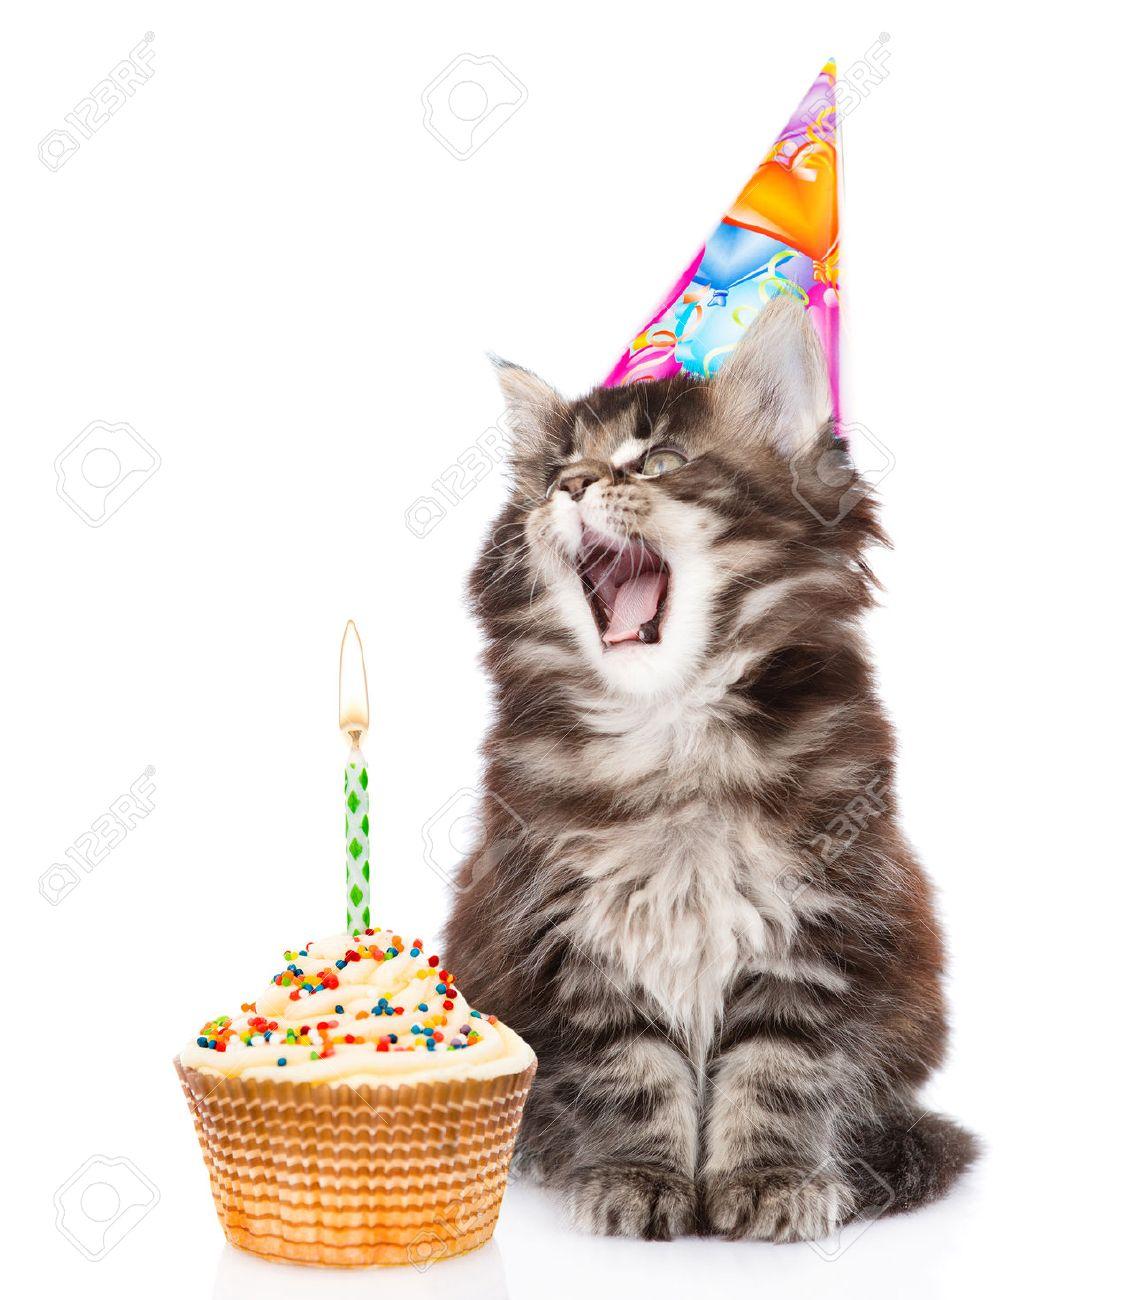 Katze Im Hut Geburtstag Blast Die Kerzen Auf Dem Kuchen Isoliert